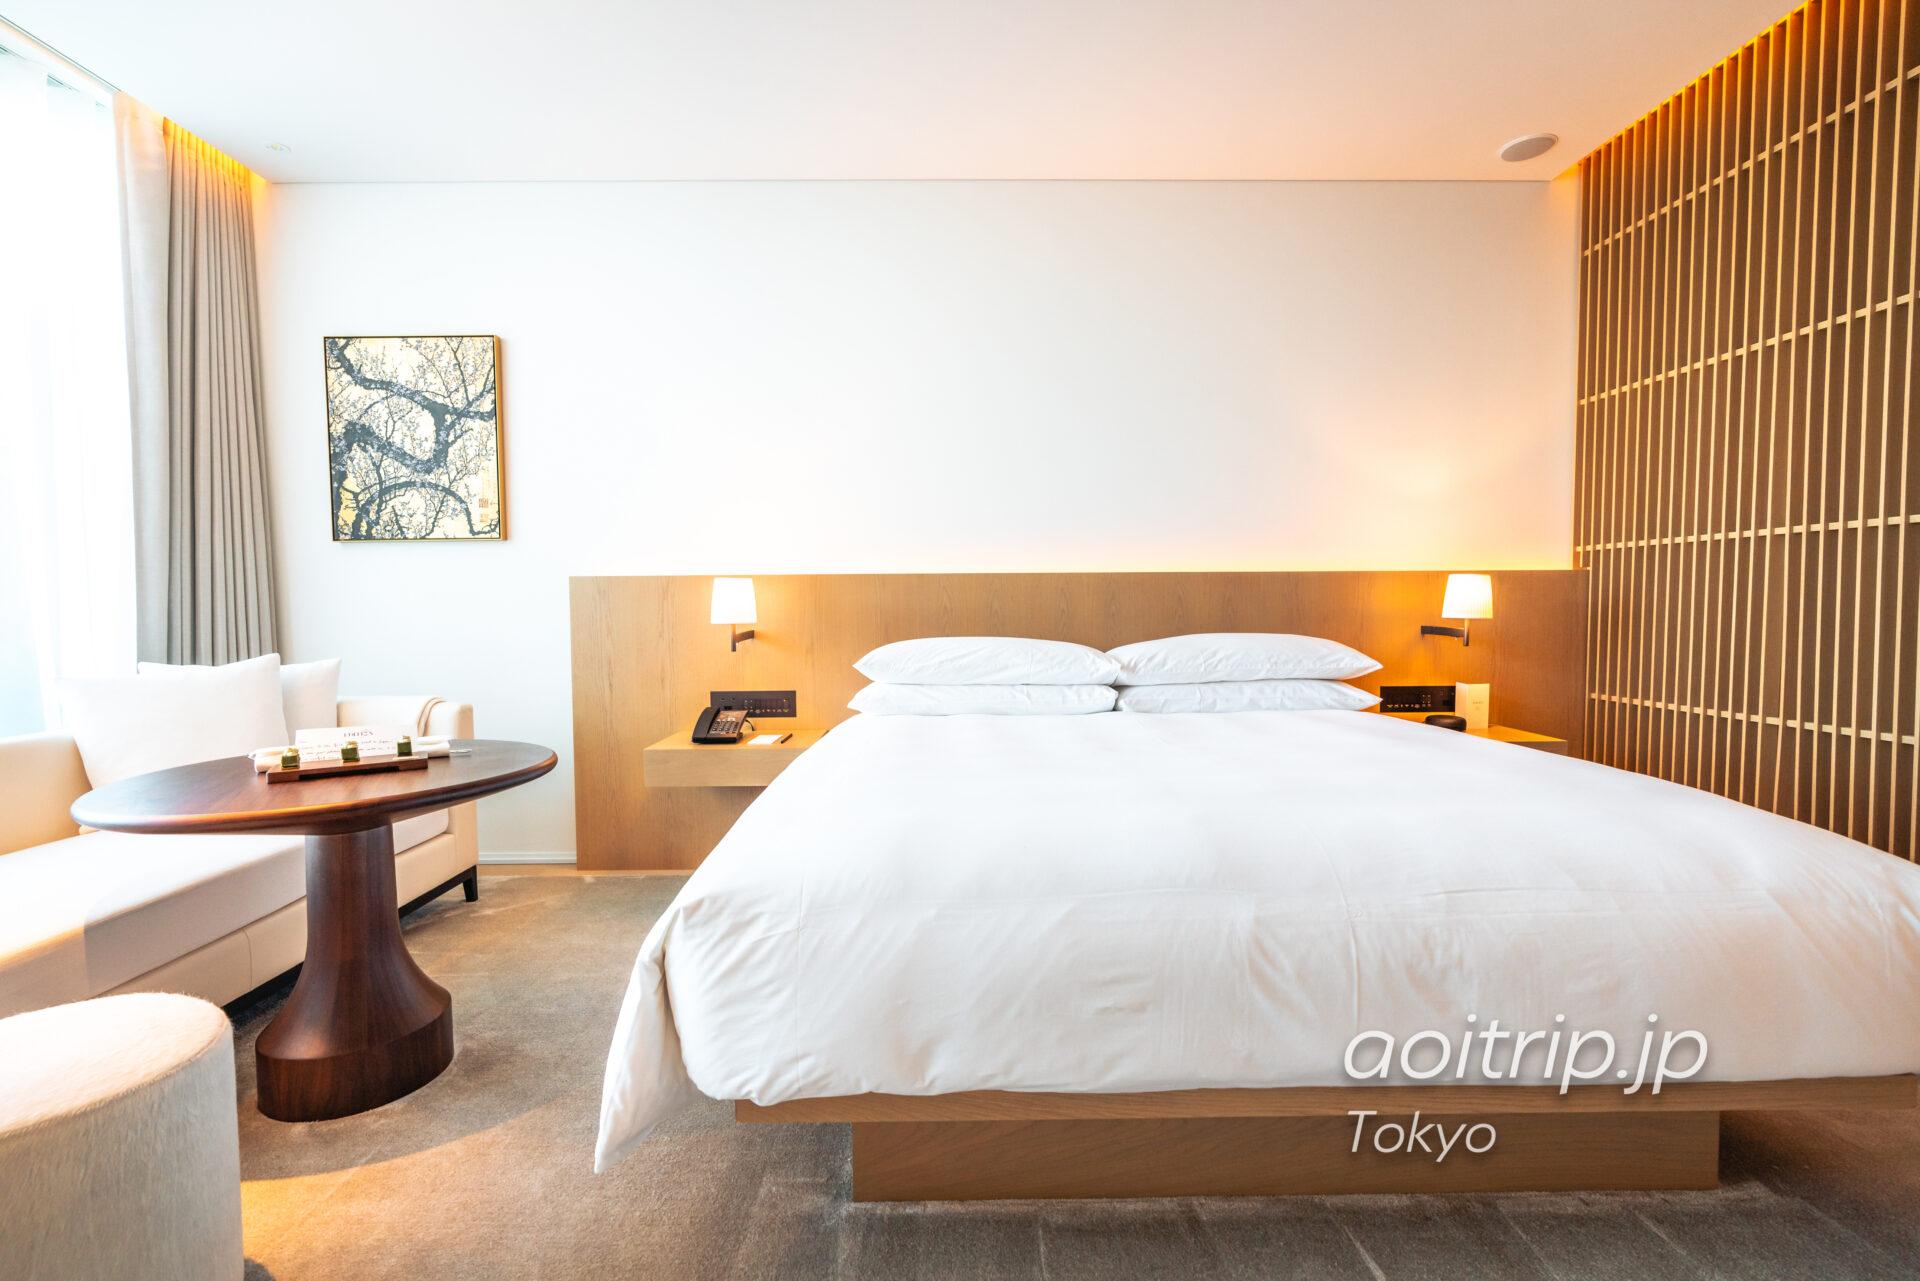 東京エディション虎ノ門の客室 スタジオ テラス キング Studio Terrace, King